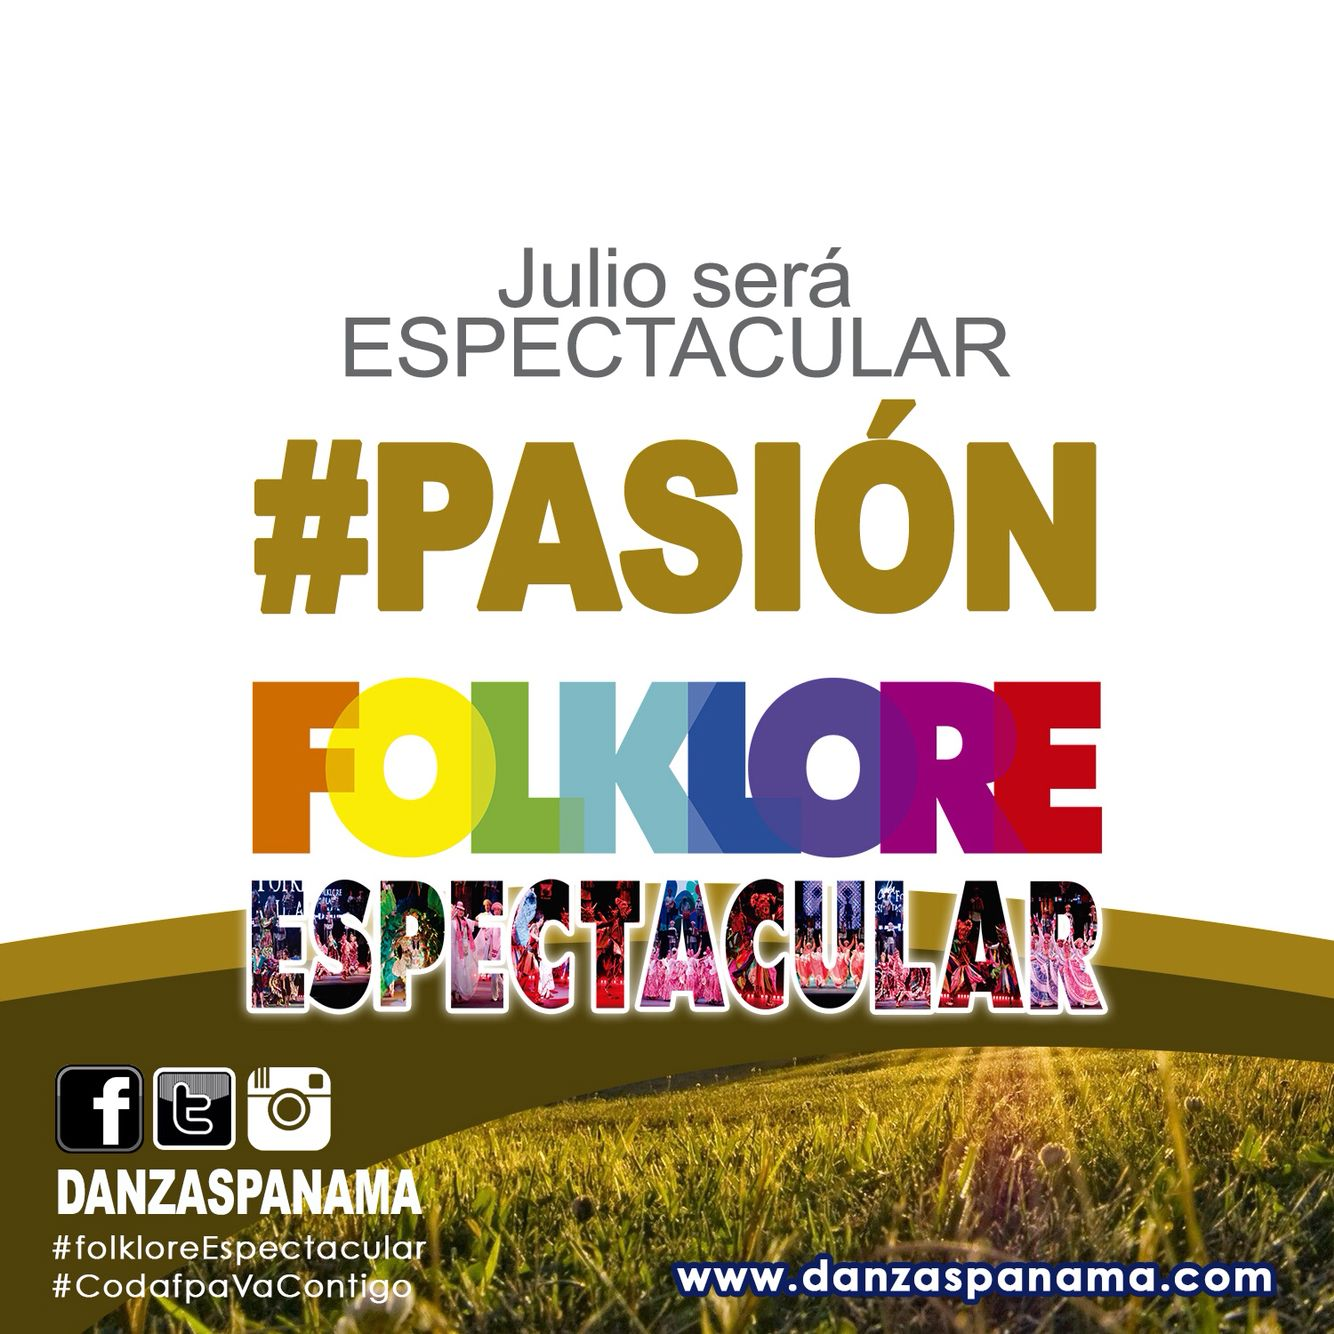 Este mes de julio nuestro folklore será #Espectacular porque #CodafpaVaContigo esperen más de nuestras promociones y siganos en nuestras redes sociales www.danzaspanama.com Vive la #pasión